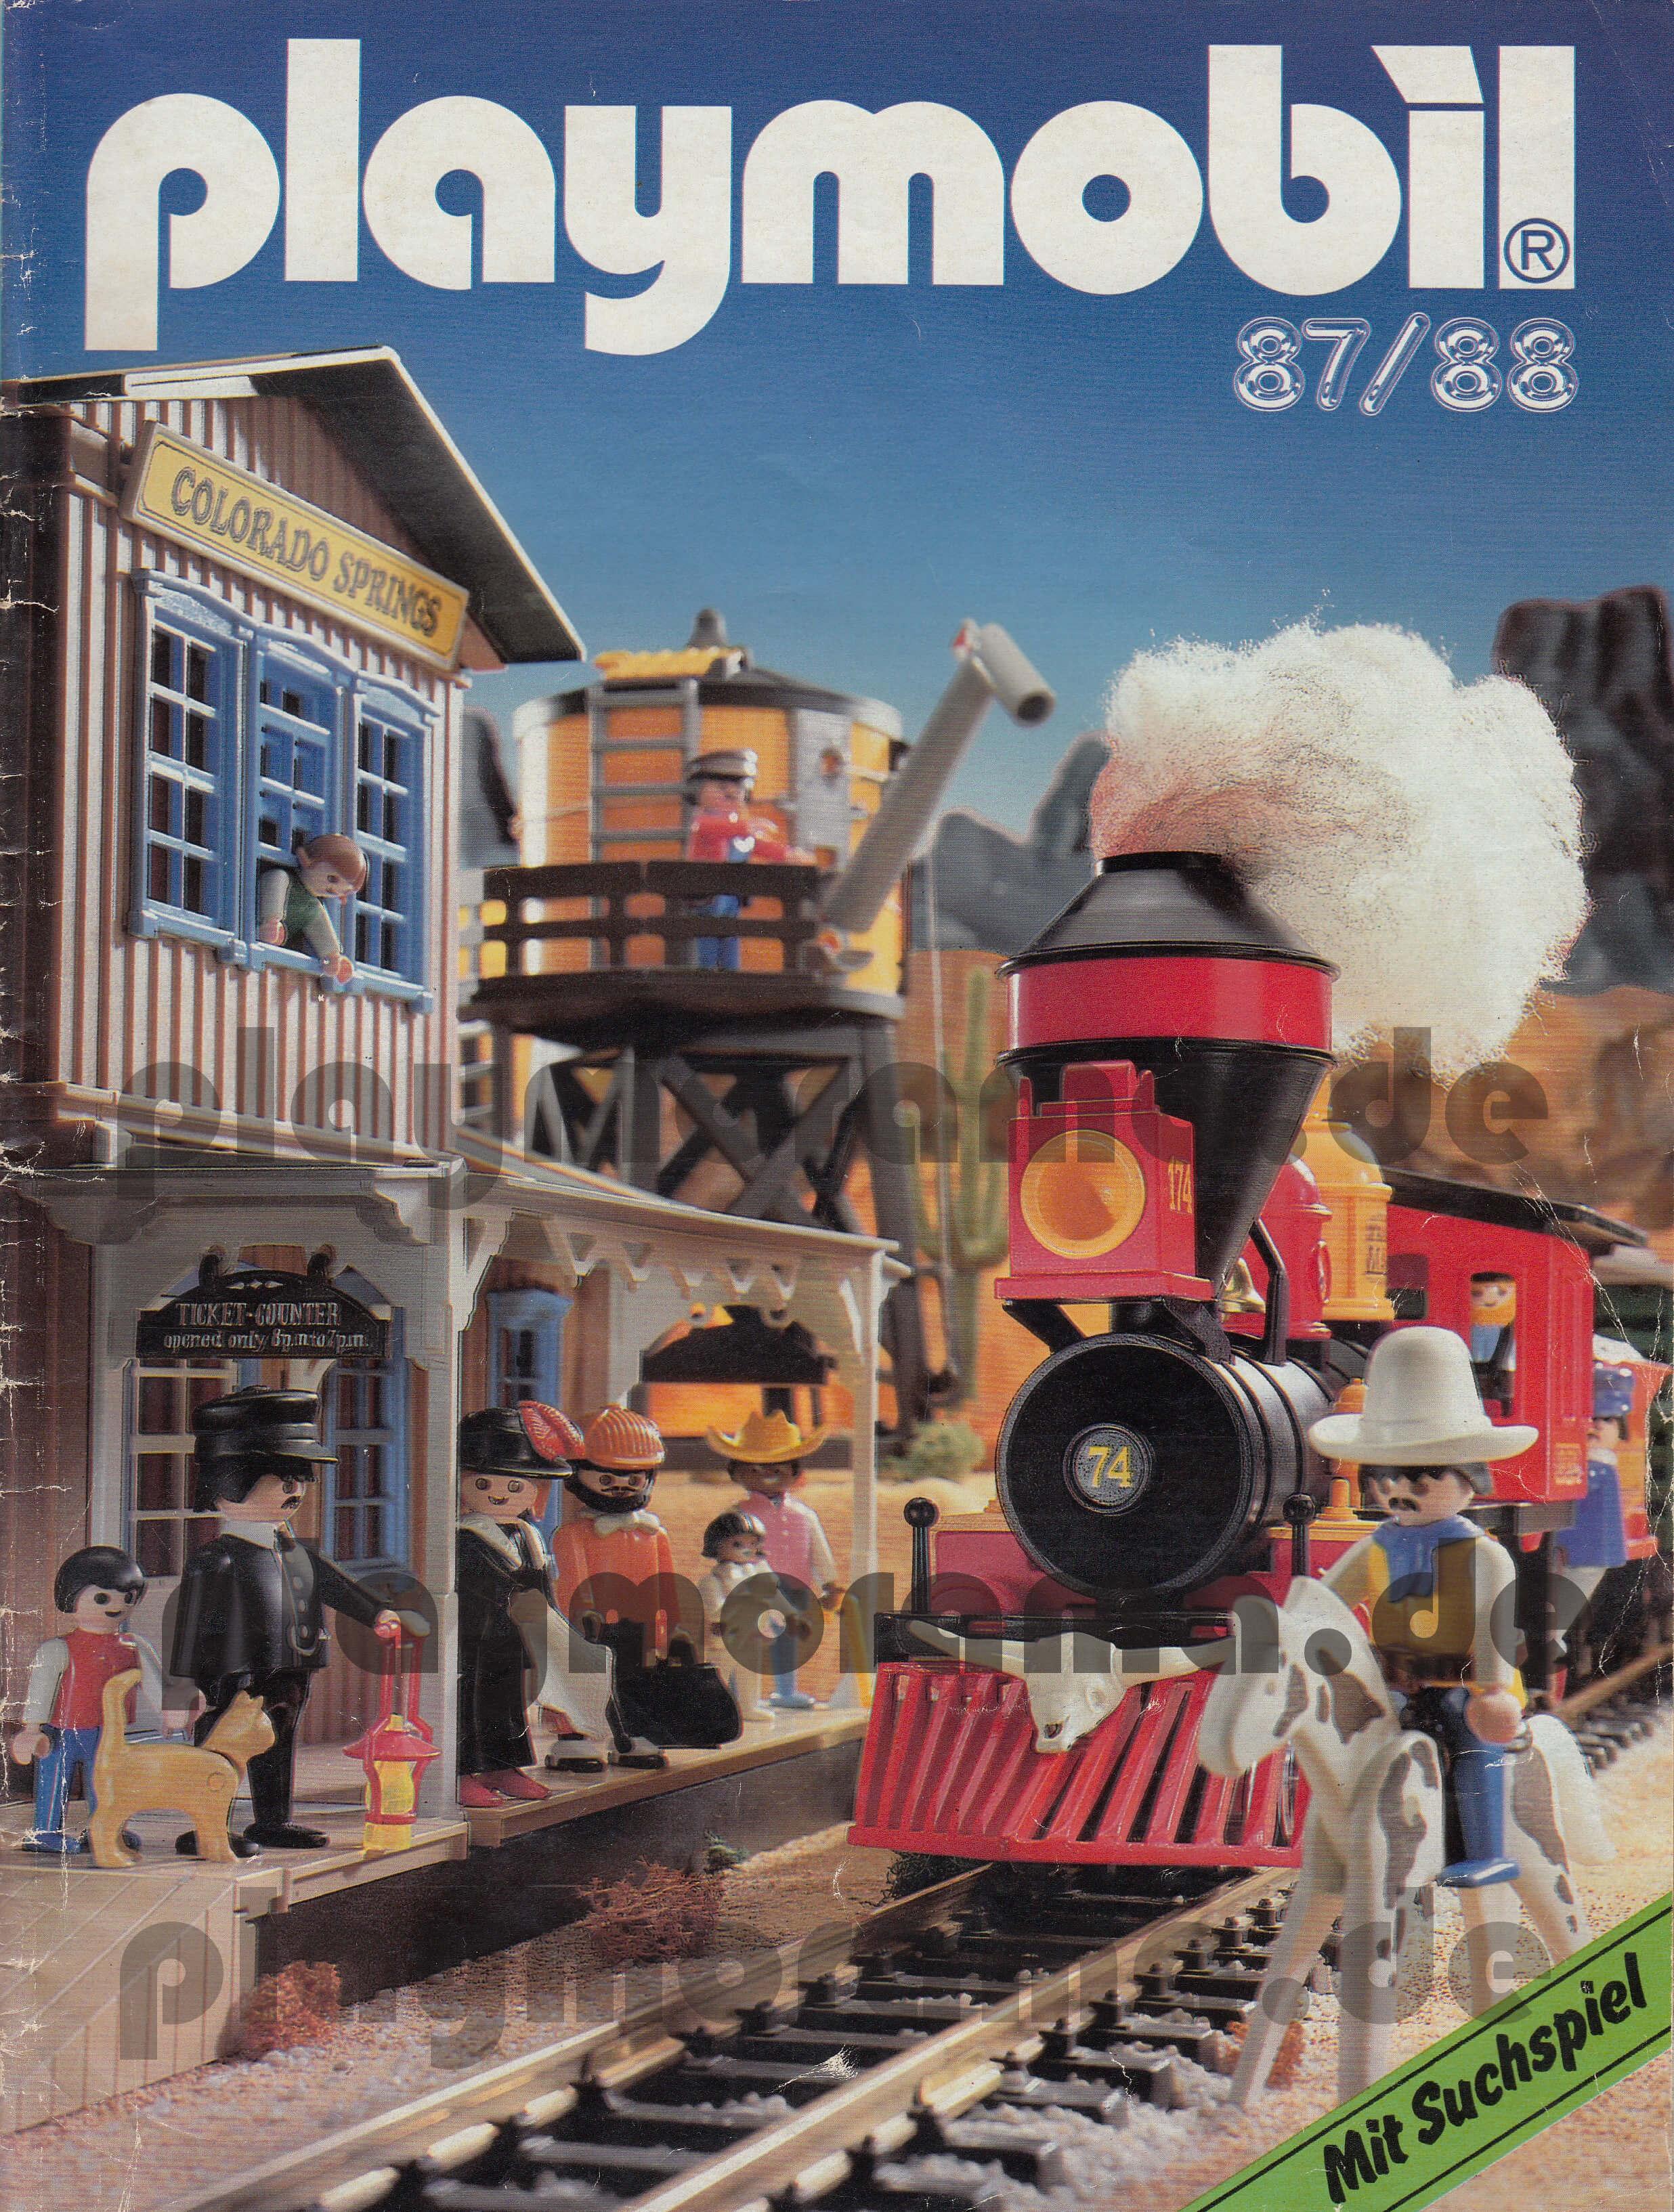 Playmobil Prospekt 87/88 zeigt die Artikel aus der Western-Welt